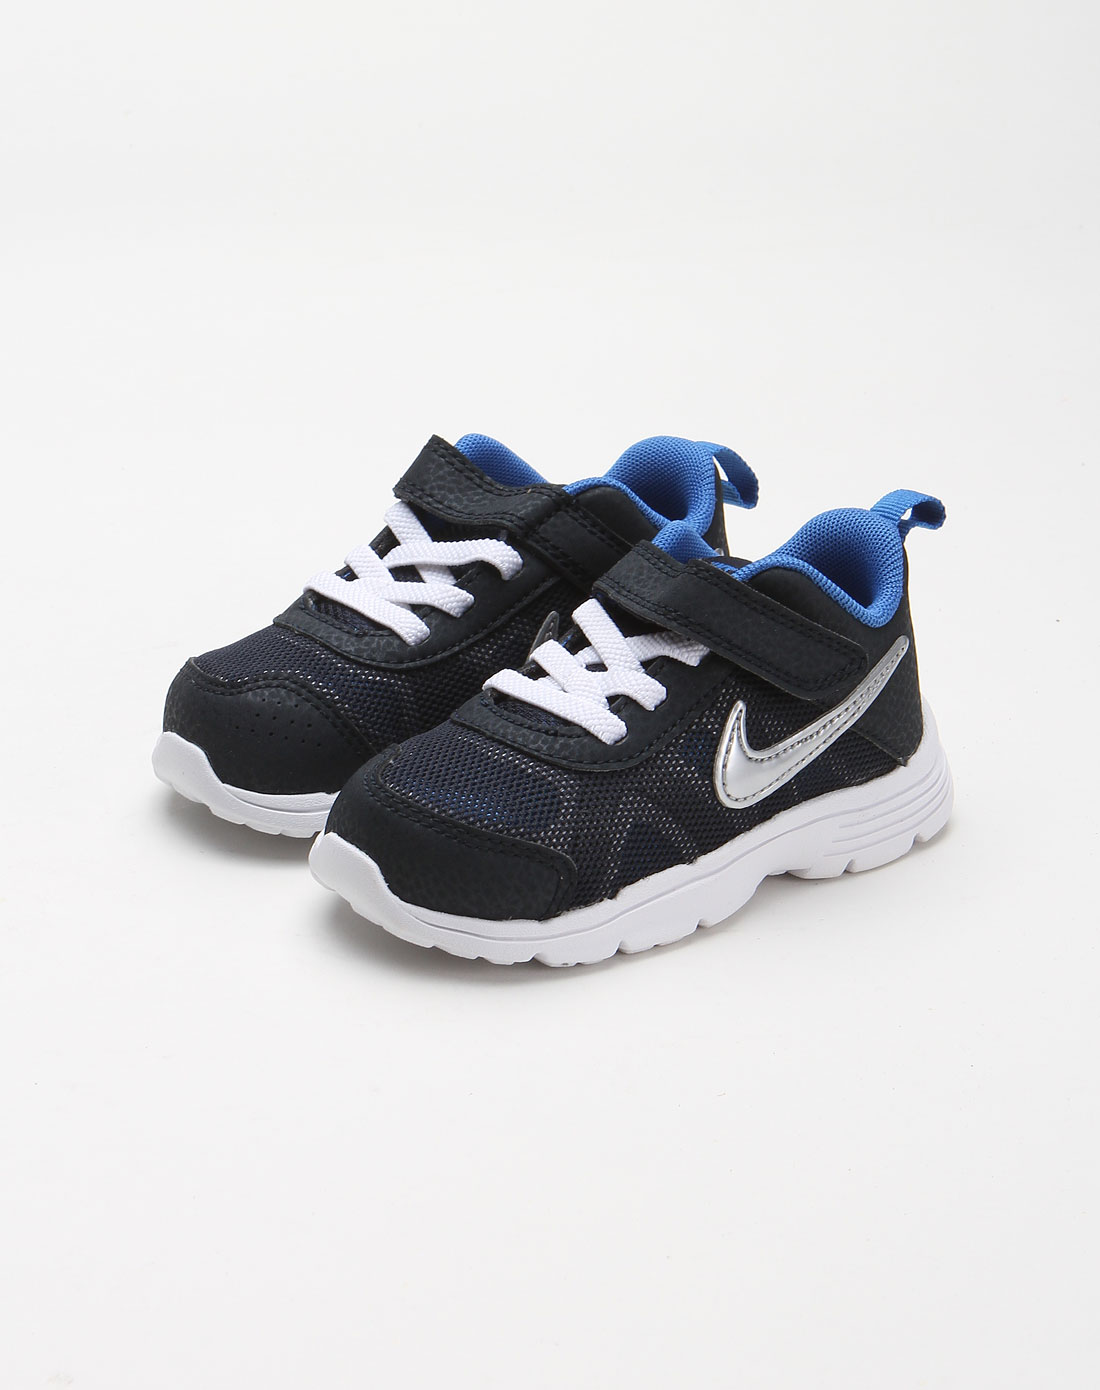 耐克nike-童装儿童蓝黑色休闲运动鞋512348-400